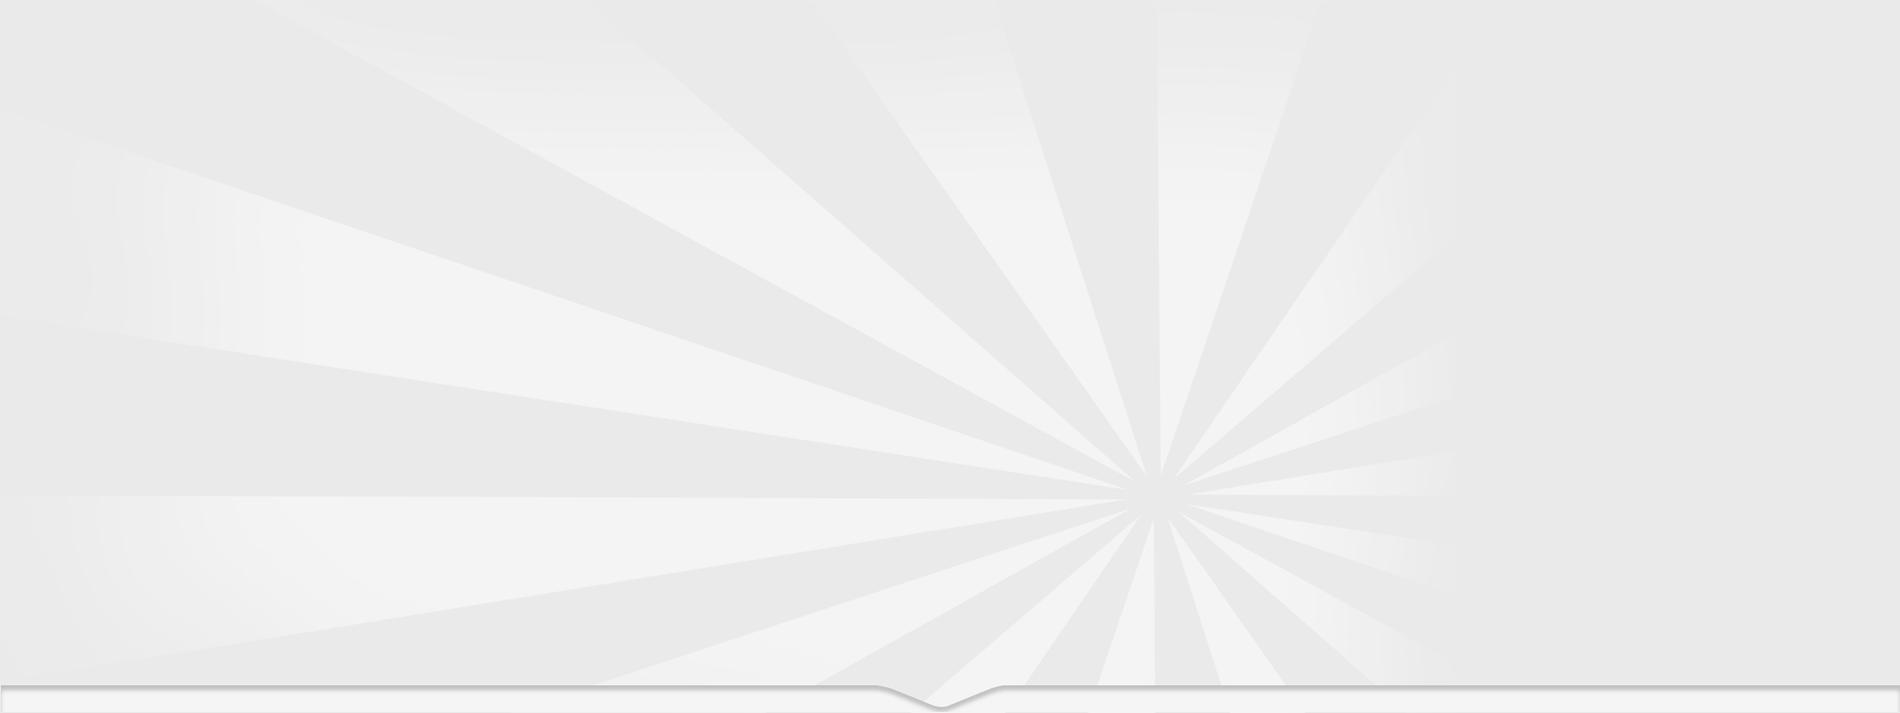 bezdratovy-prenos-hd-videa